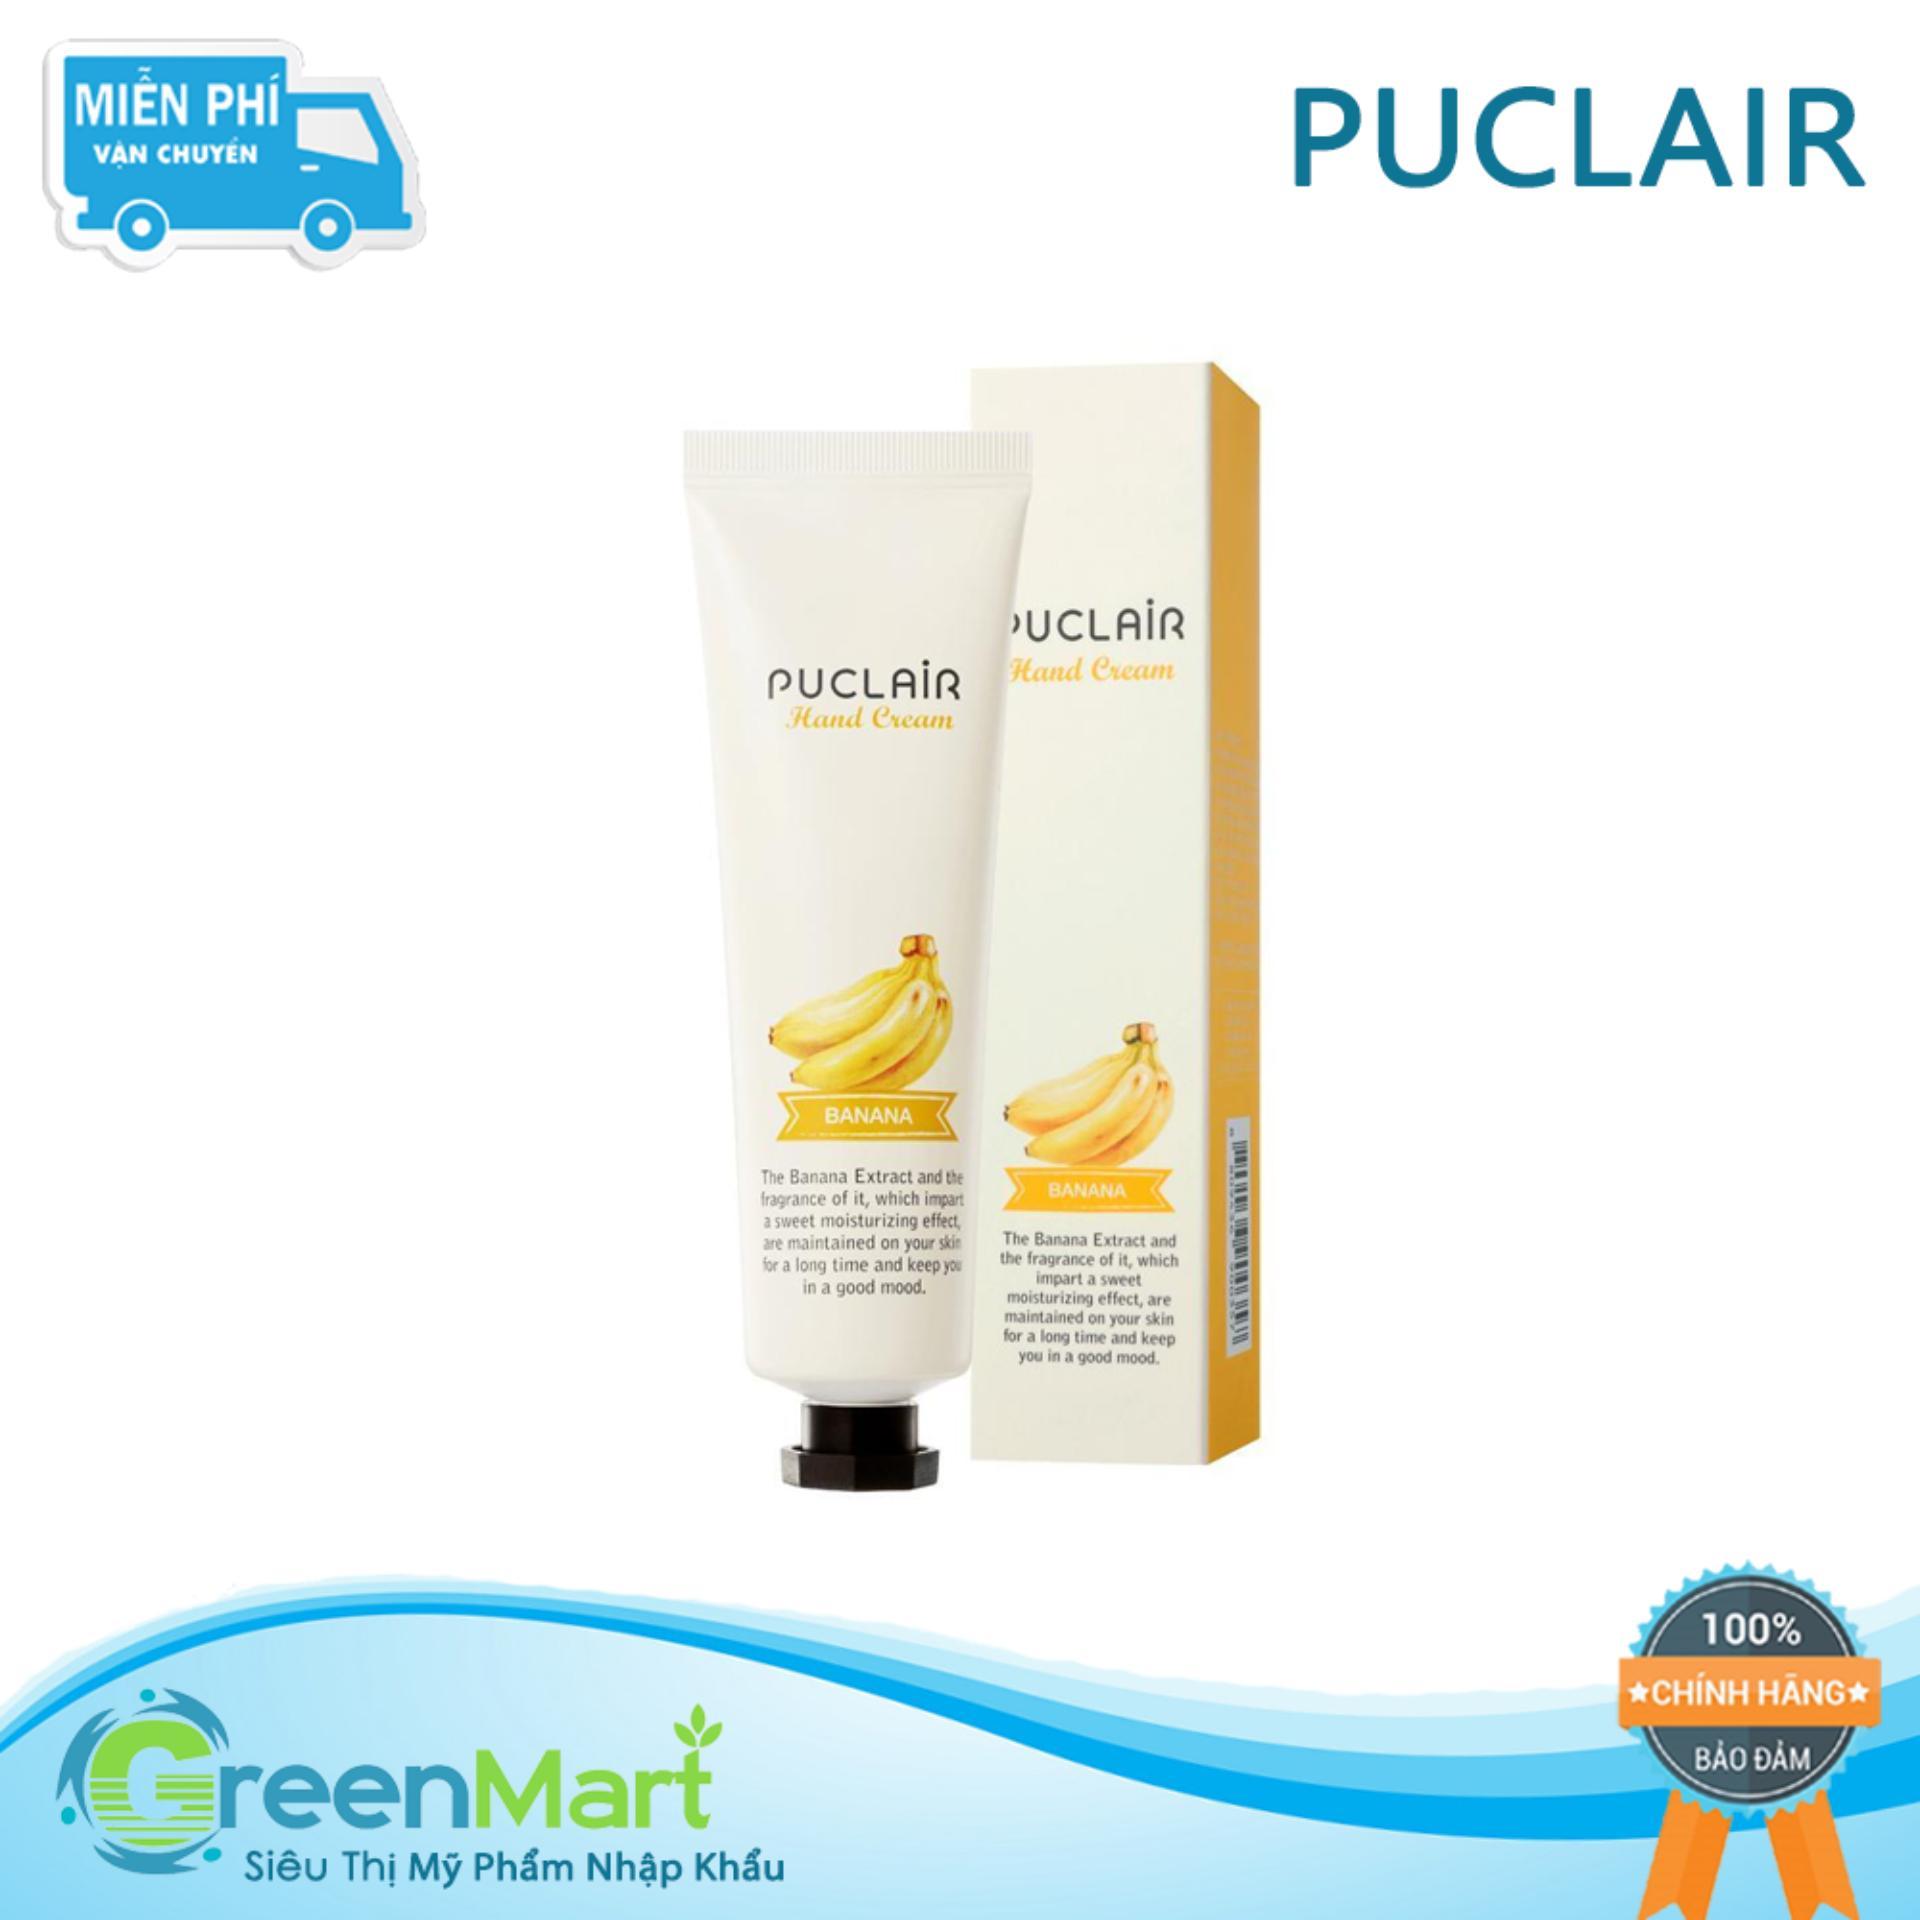 Kem dưỡng tay cấp ẩm dưỡng mềm da sáng bóng Hàn Quốc Puclair Hand Cream 50ml - Chuối